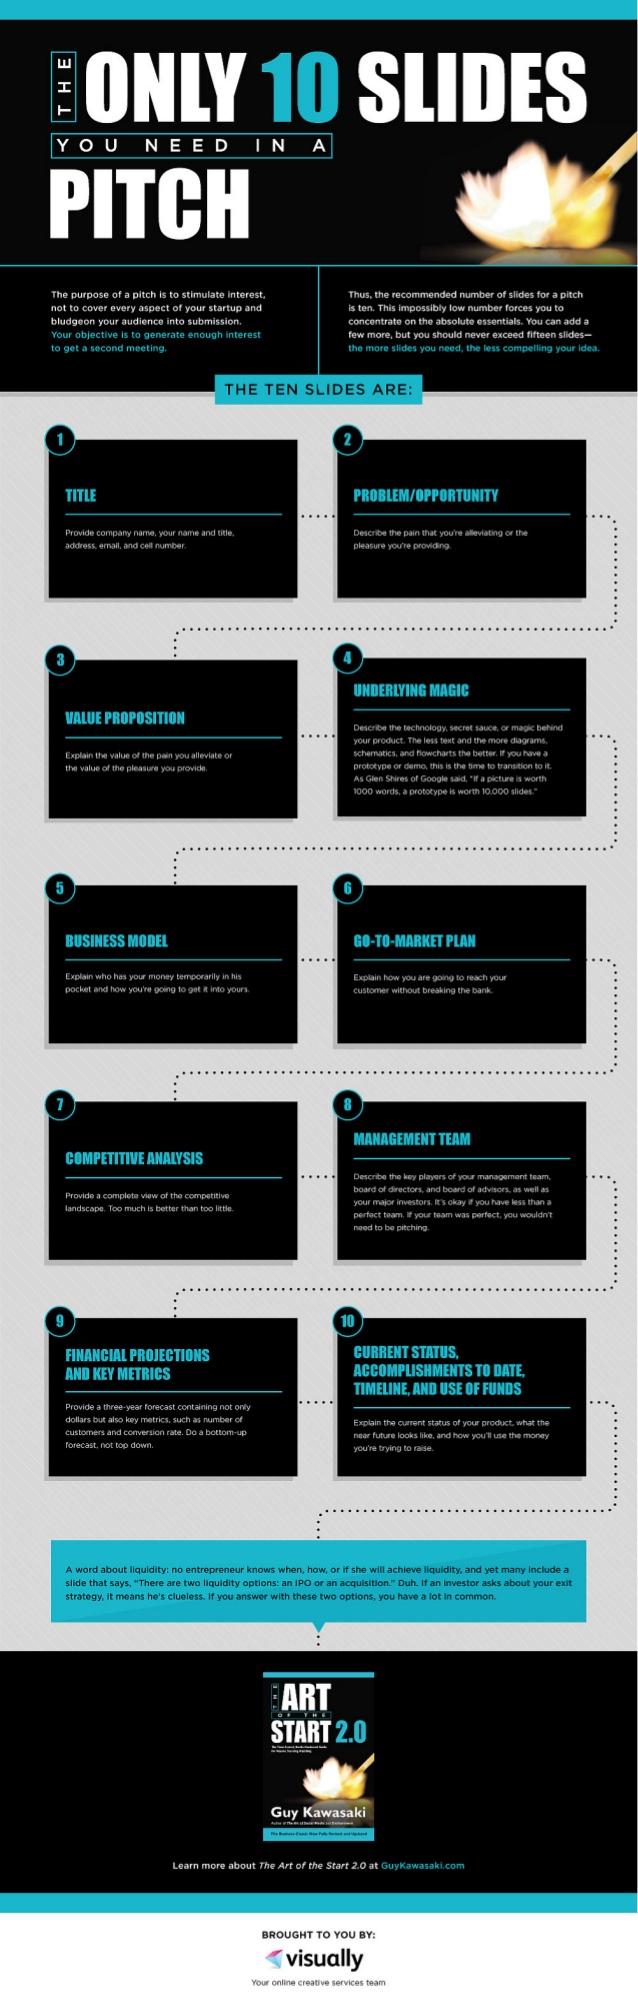 Las 10 dispositivas que necesitas en tu pitch